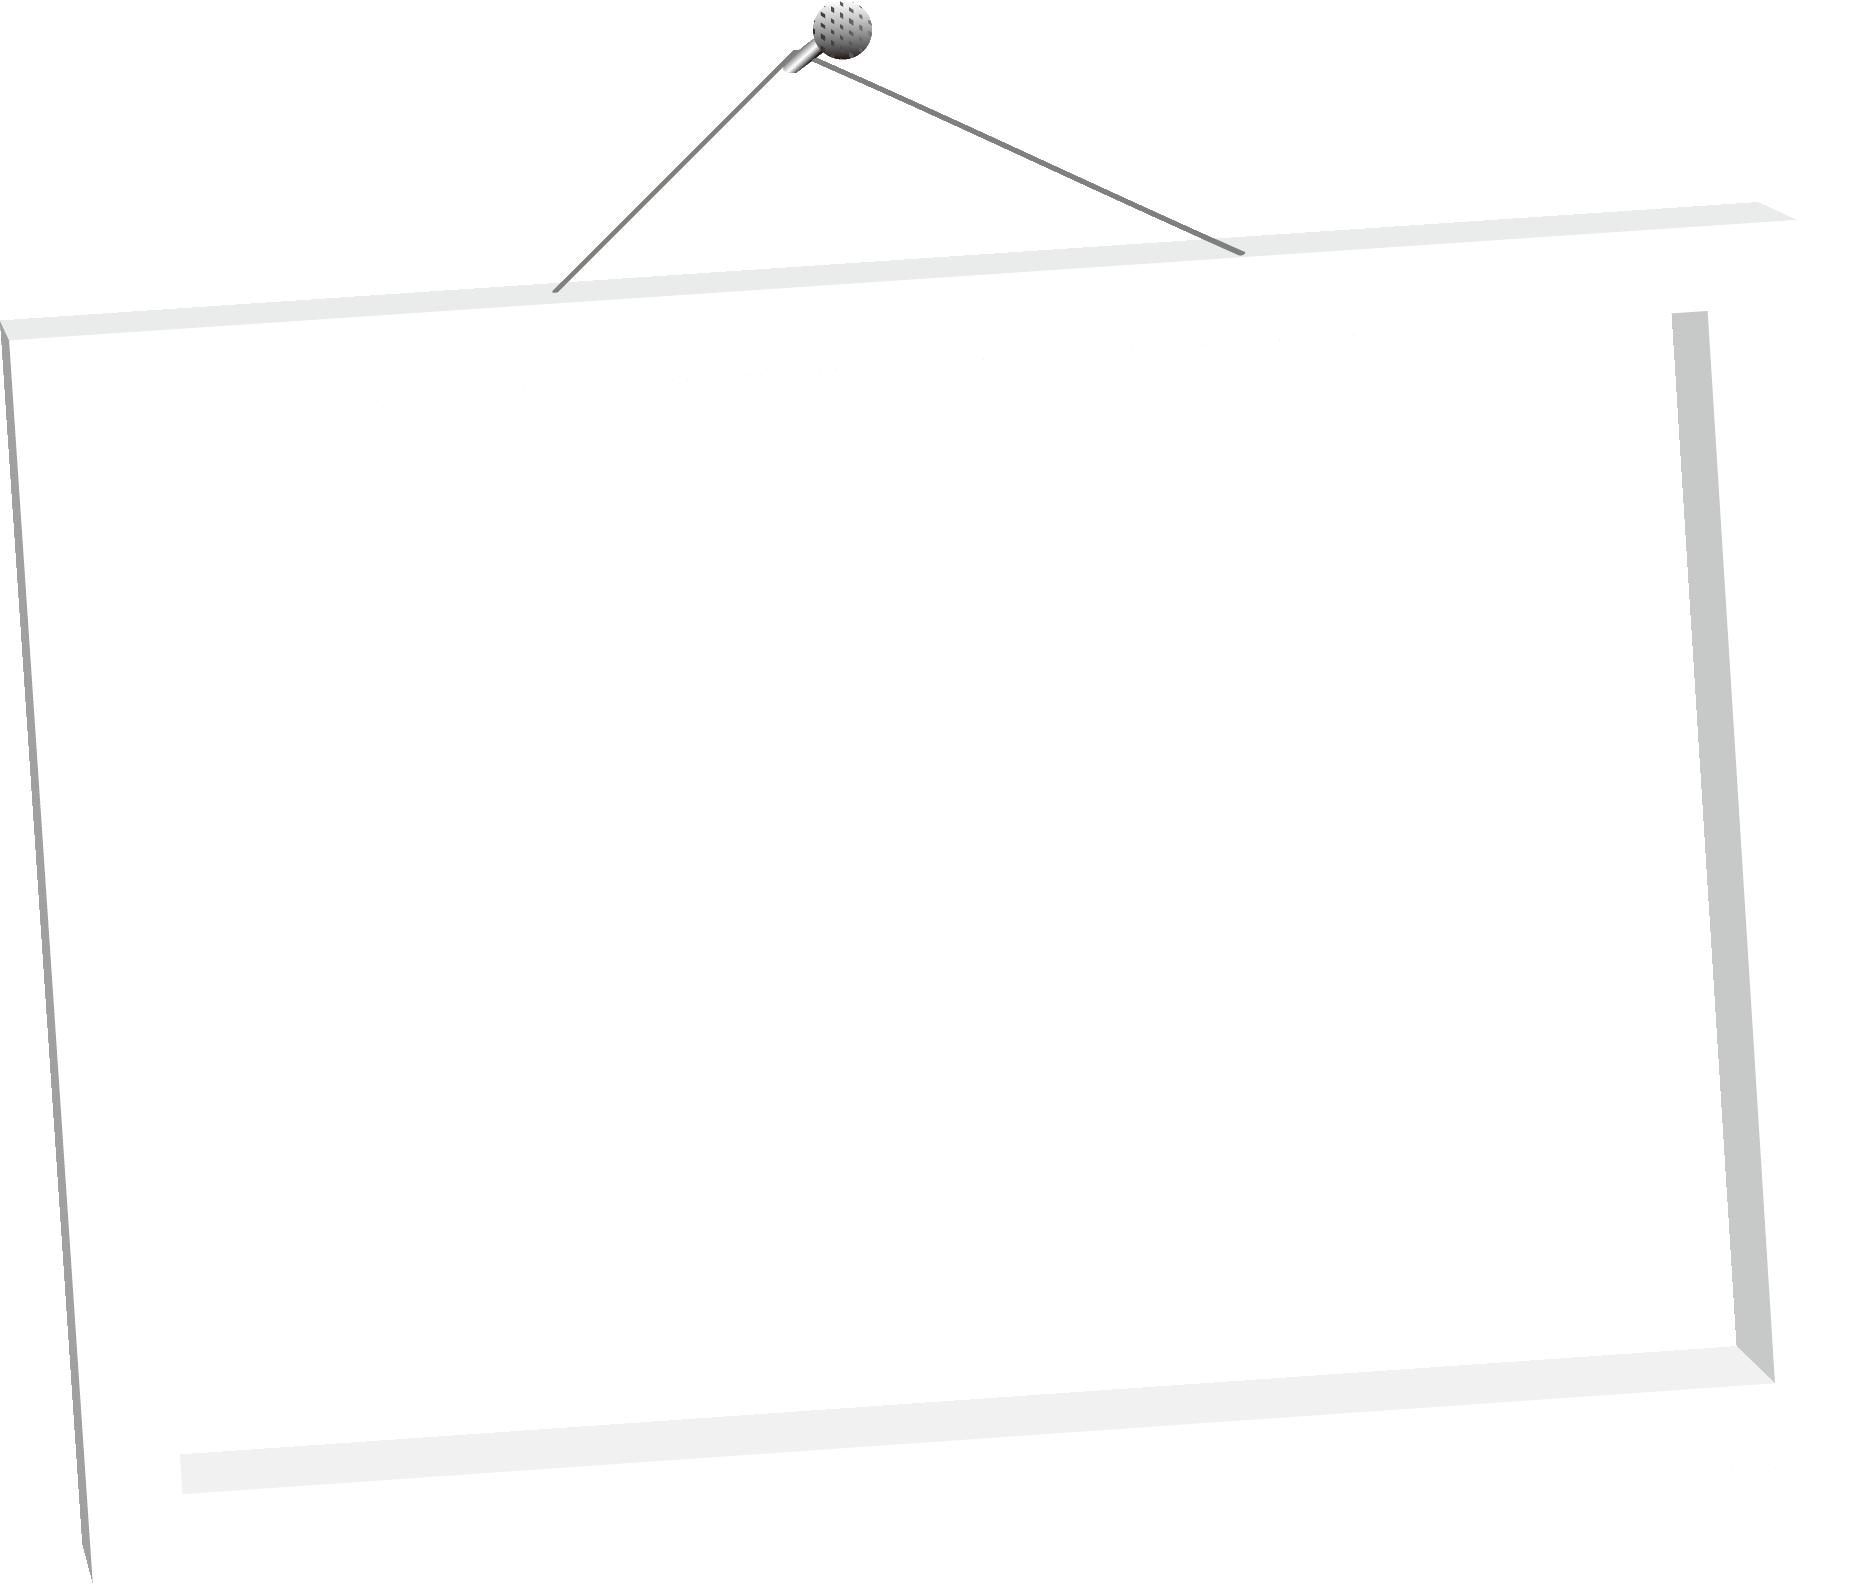 フレーム・囲い枠のイラストNo ... : 小学生 手紙 テンプレート : 小学生